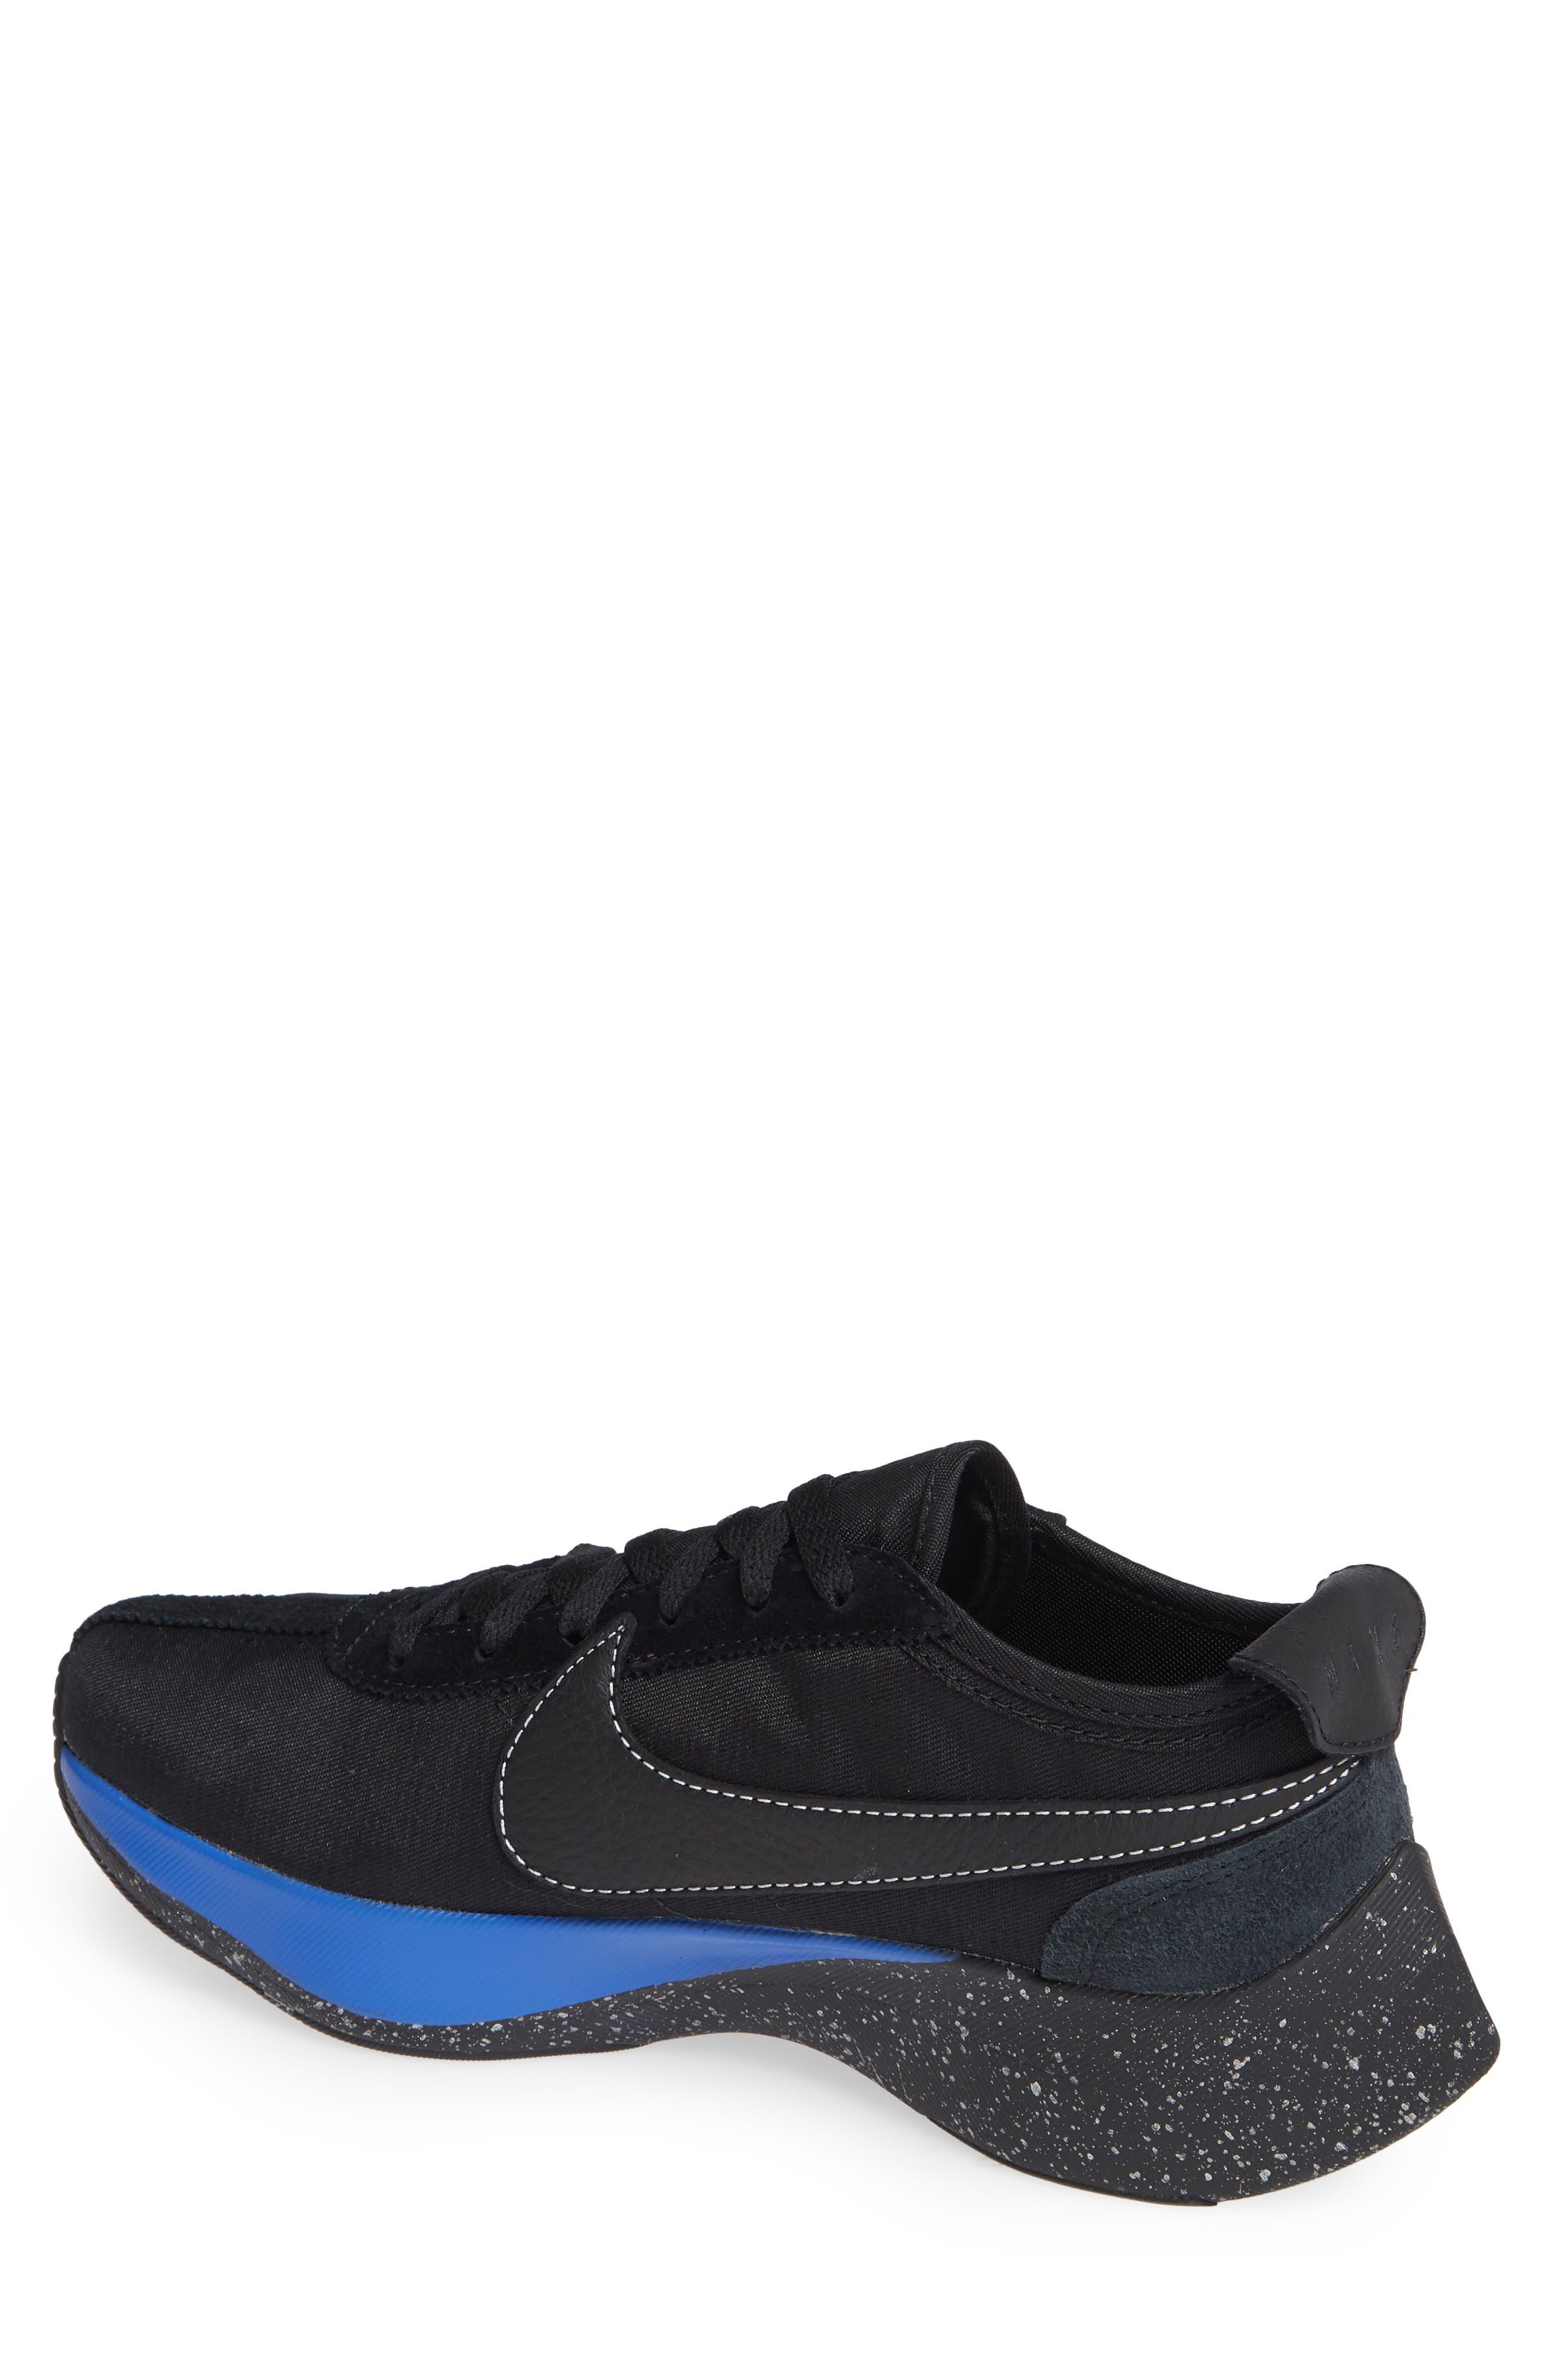 NIKE,                             Moon Racer QS Sneaker,                             Alternate thumbnail 2, color,                             001